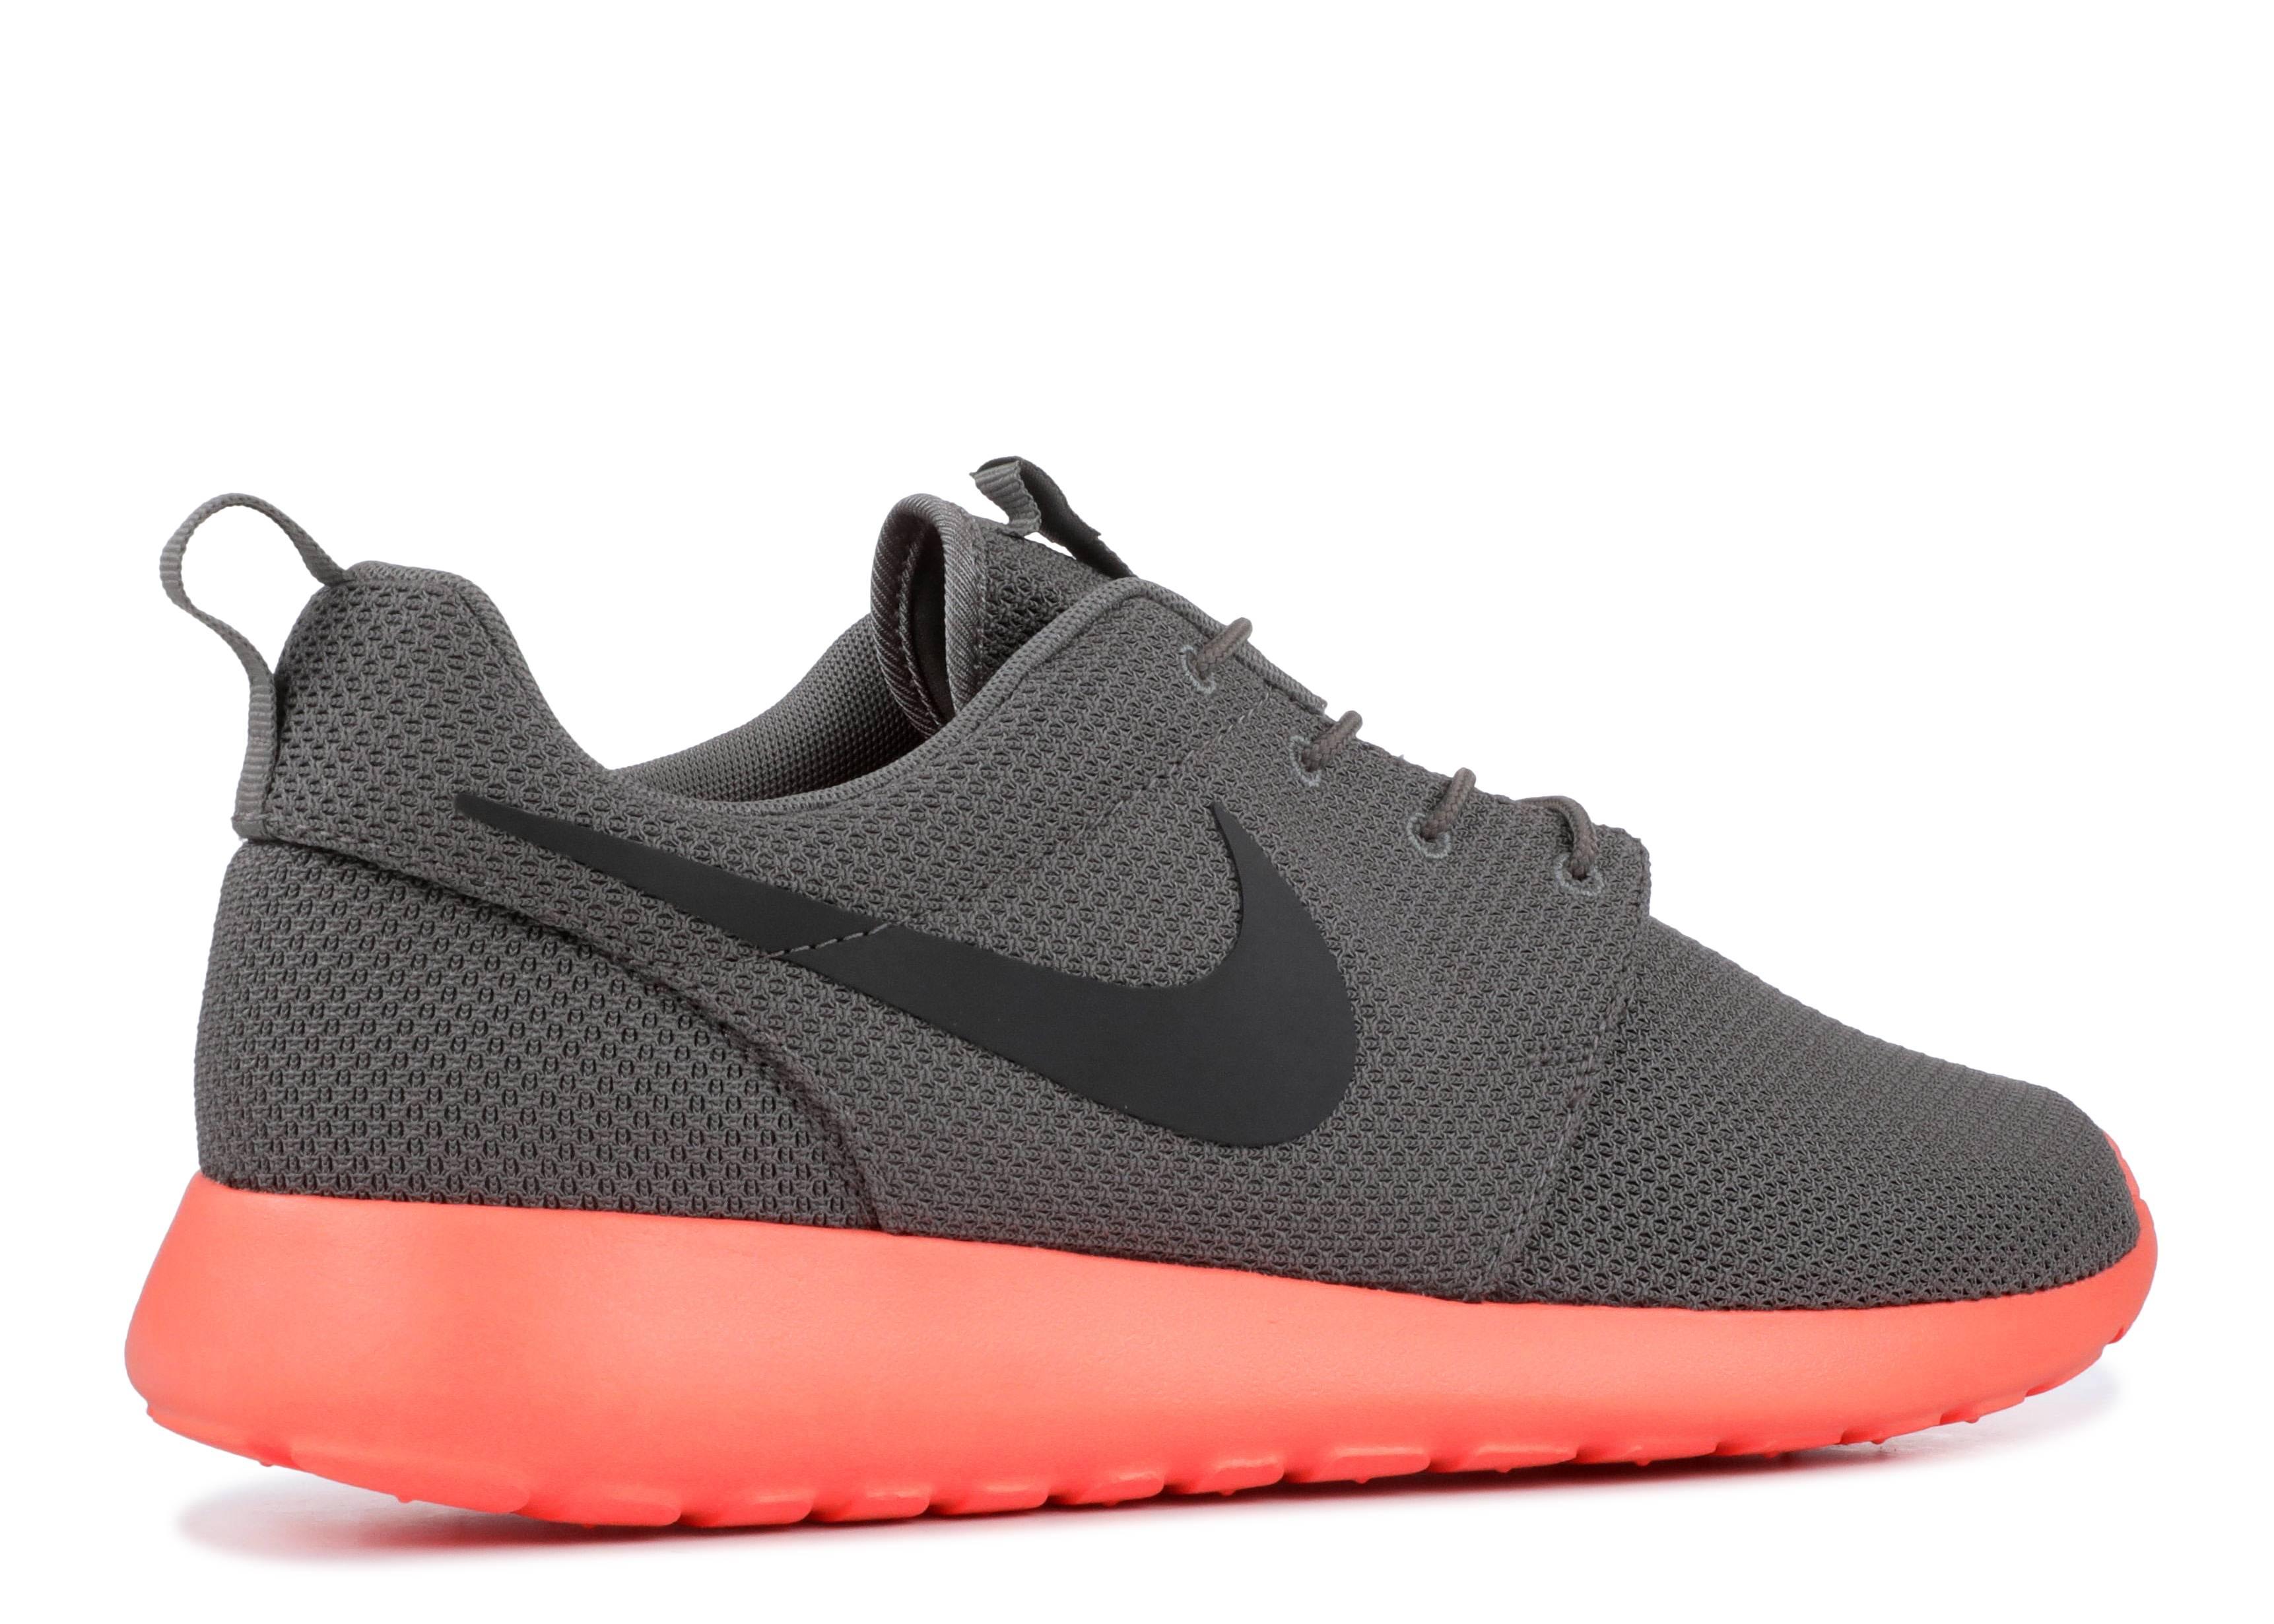 Rosherun - Nike - 511881 096 - soft grey mid fg-bch-ttl crmsn  3a87b1d13604